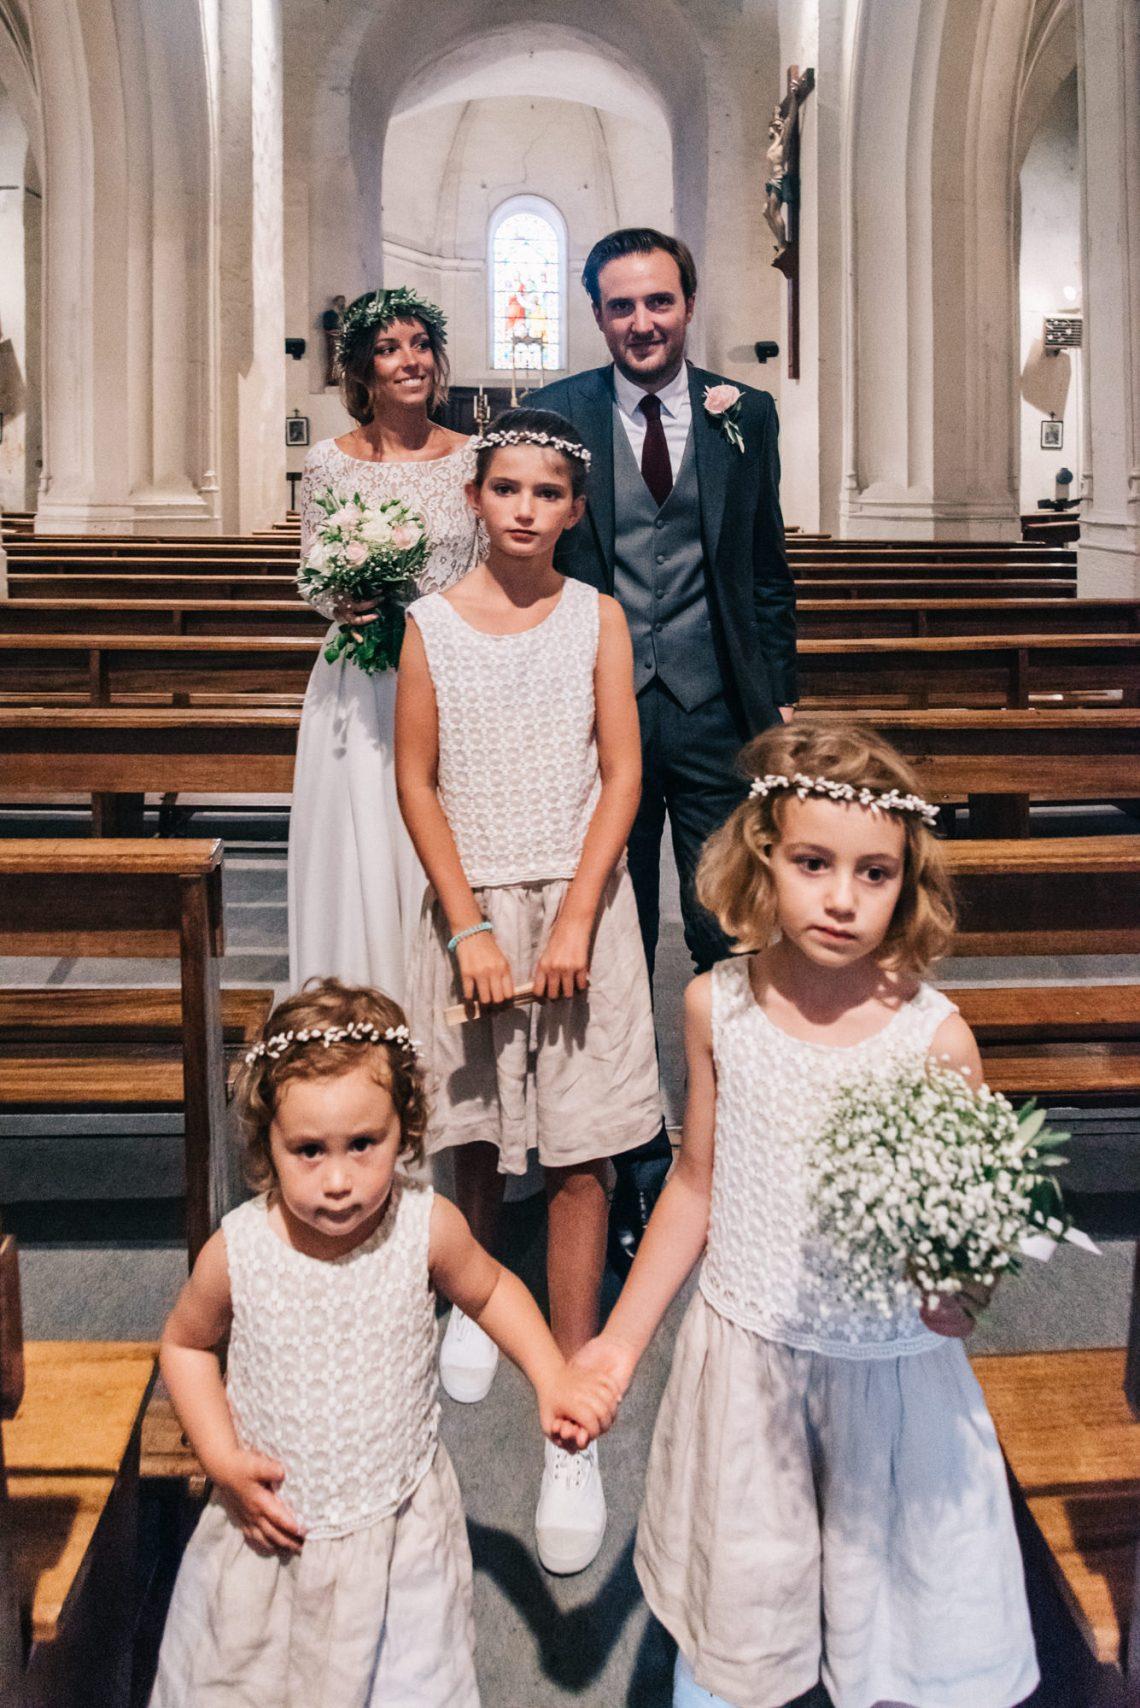 photographe-mariage-angers-nantes-vendee-33